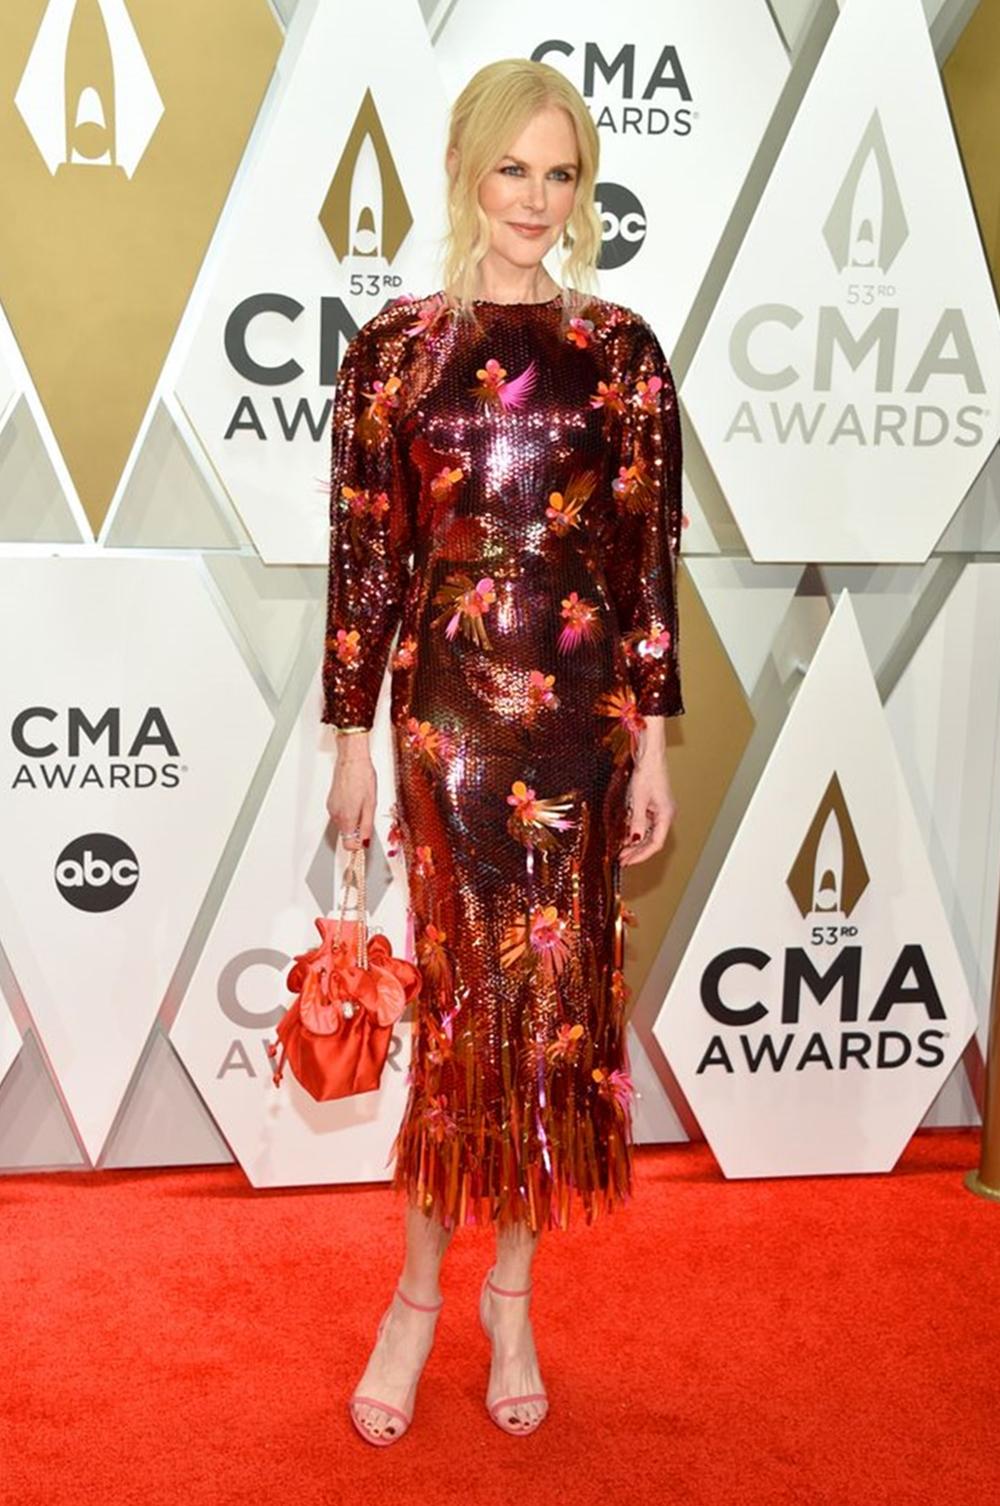 Tại lễ trao giải CMA 2019, Nicole Kidman thu hút ống kính với thiết kế sequin đính hoa của Versace, mix-match túi Sophia Webster, dép Jimmy Choo đồng điệu. Ảnh: WireImage.